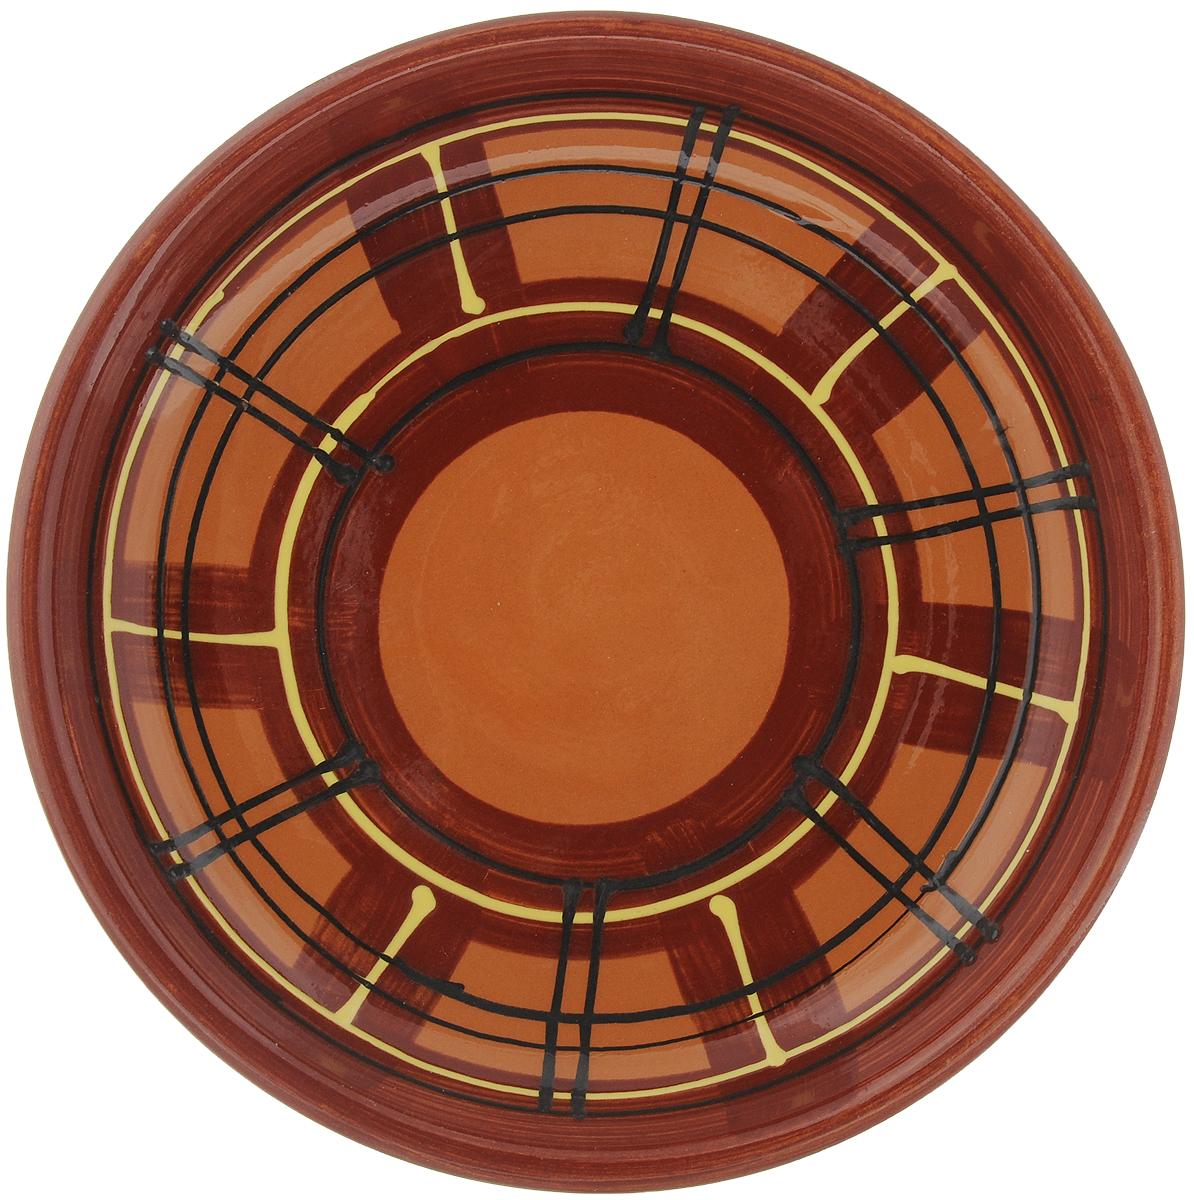 Тарелка Борисовская керамика Cтандарт, диаметр 18 смОБЧ00000454_коричневый, полосыТарелка Борисовская керамика Cтандарт выполнена из высококачественной керамики с покрытием пищевой глазурью. Изделие отлично подходит для подачи вторых блюд, сервировки нарезок, закусок, овощей и фруктов. Такая тарелка отлично подойдет для повседневного использования. Она прекрасно впишется в интерьер вашей кухни. Посуда термостойкая, можно использовать в духовке и в микроволновой печи. Диаметр тарелки (по верхнему краю): 18 см. Высота стенки: 3 см.